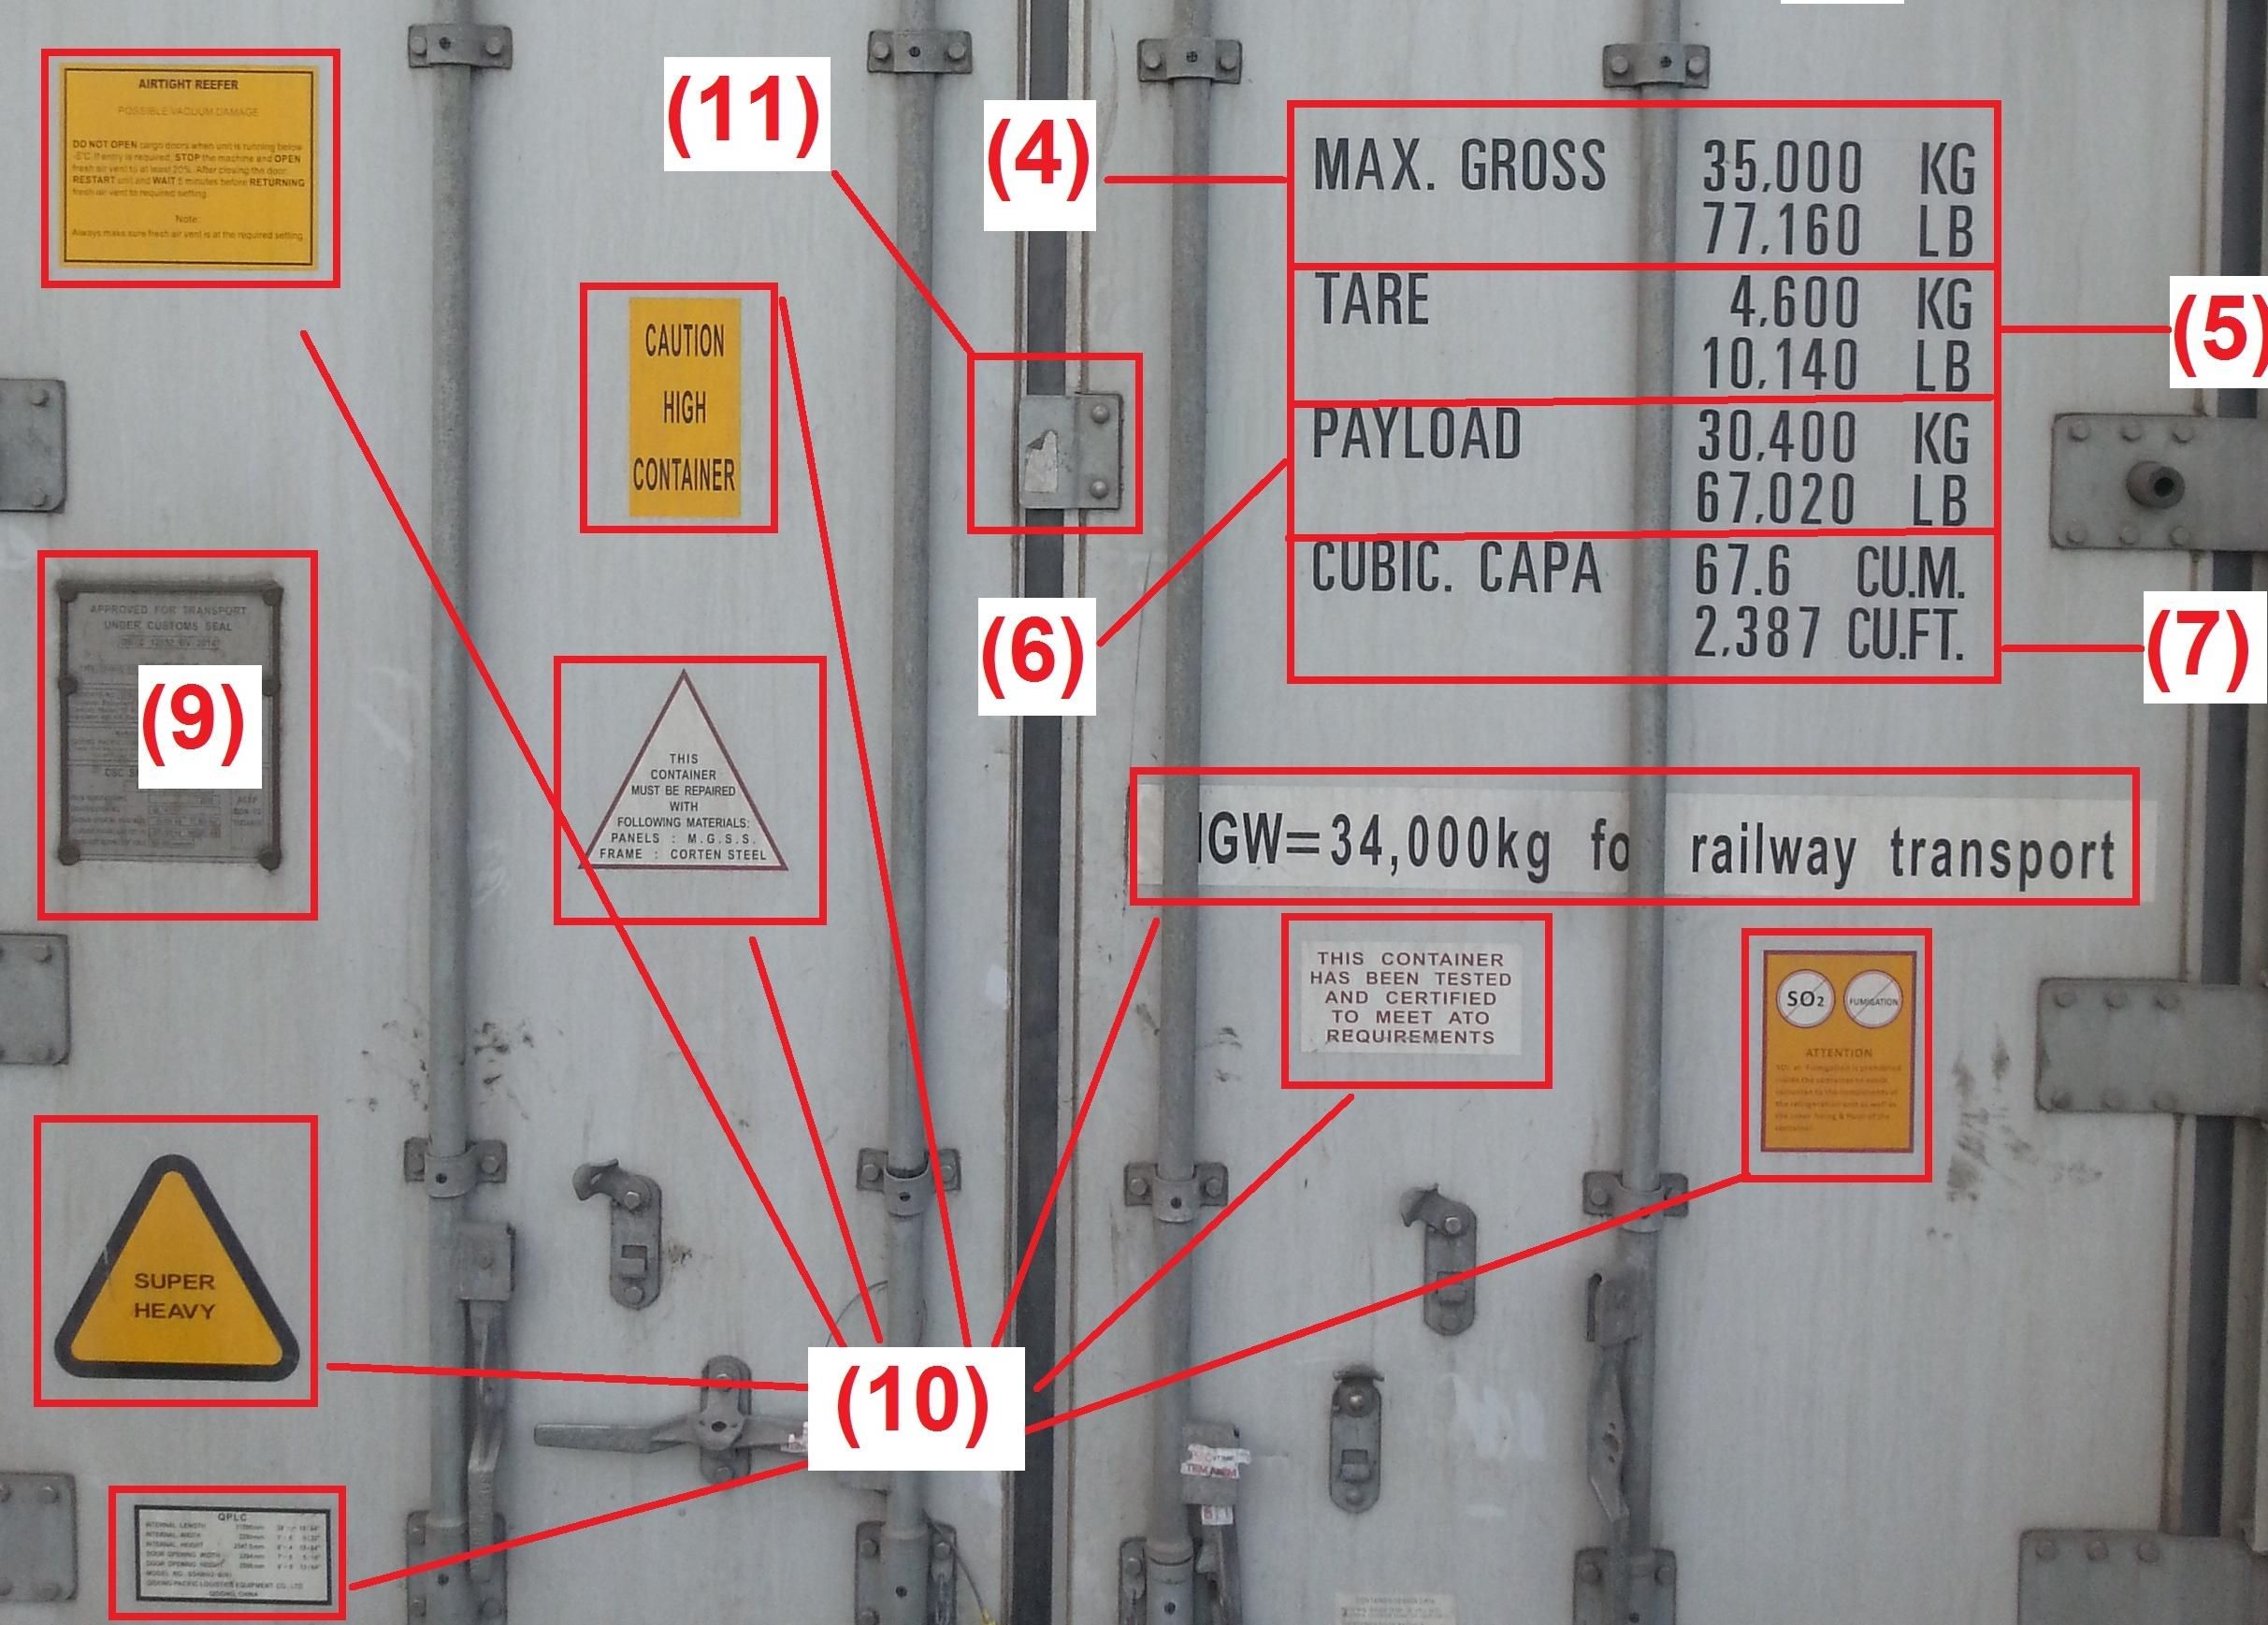 Ý nghĩa các ký tự trên của container